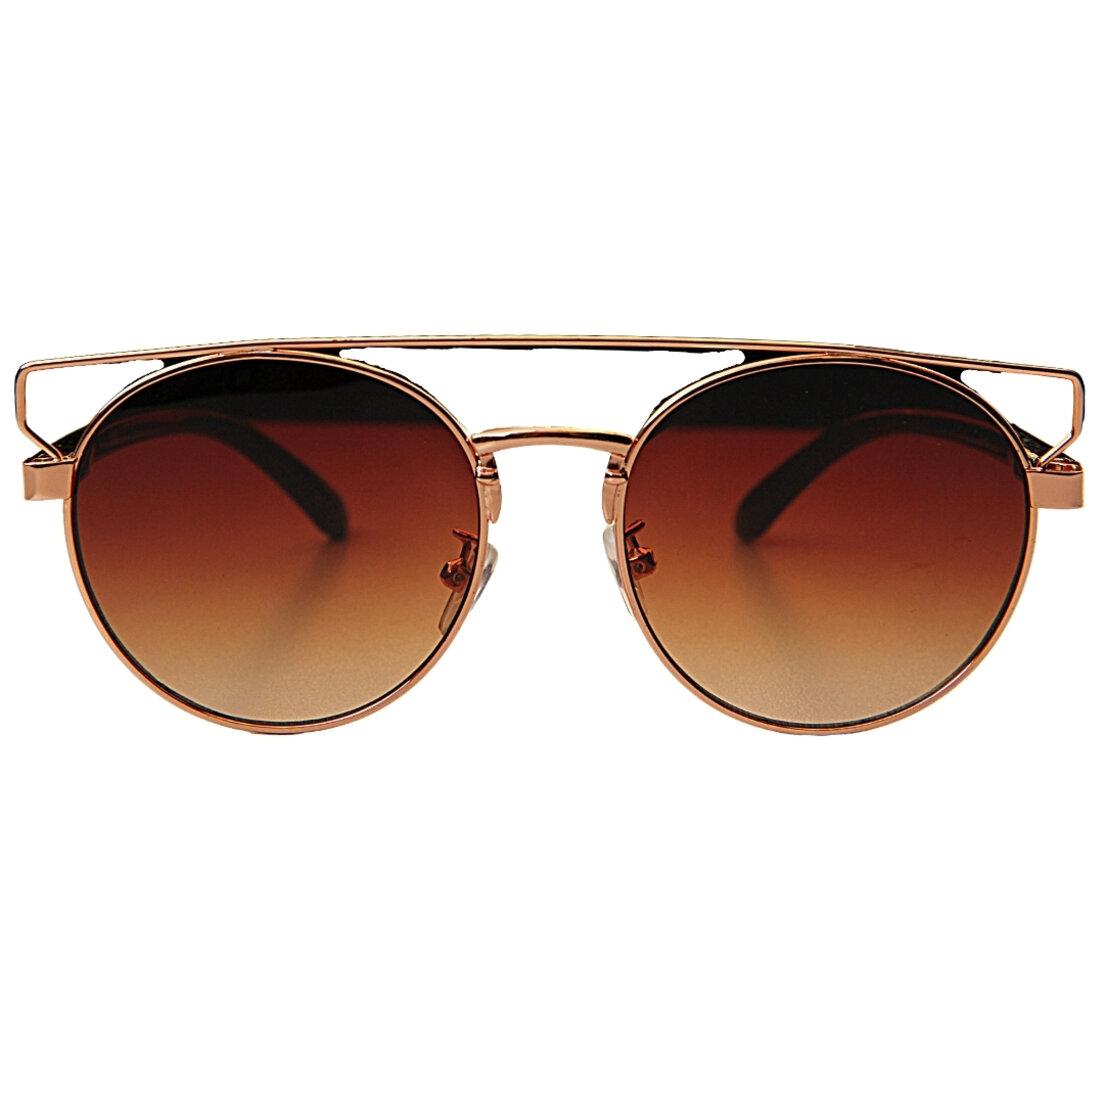 Óculos de Sol Khatto Cat Round - C060 - excluir (inativo em  todas as plataformas 22-06-2021)